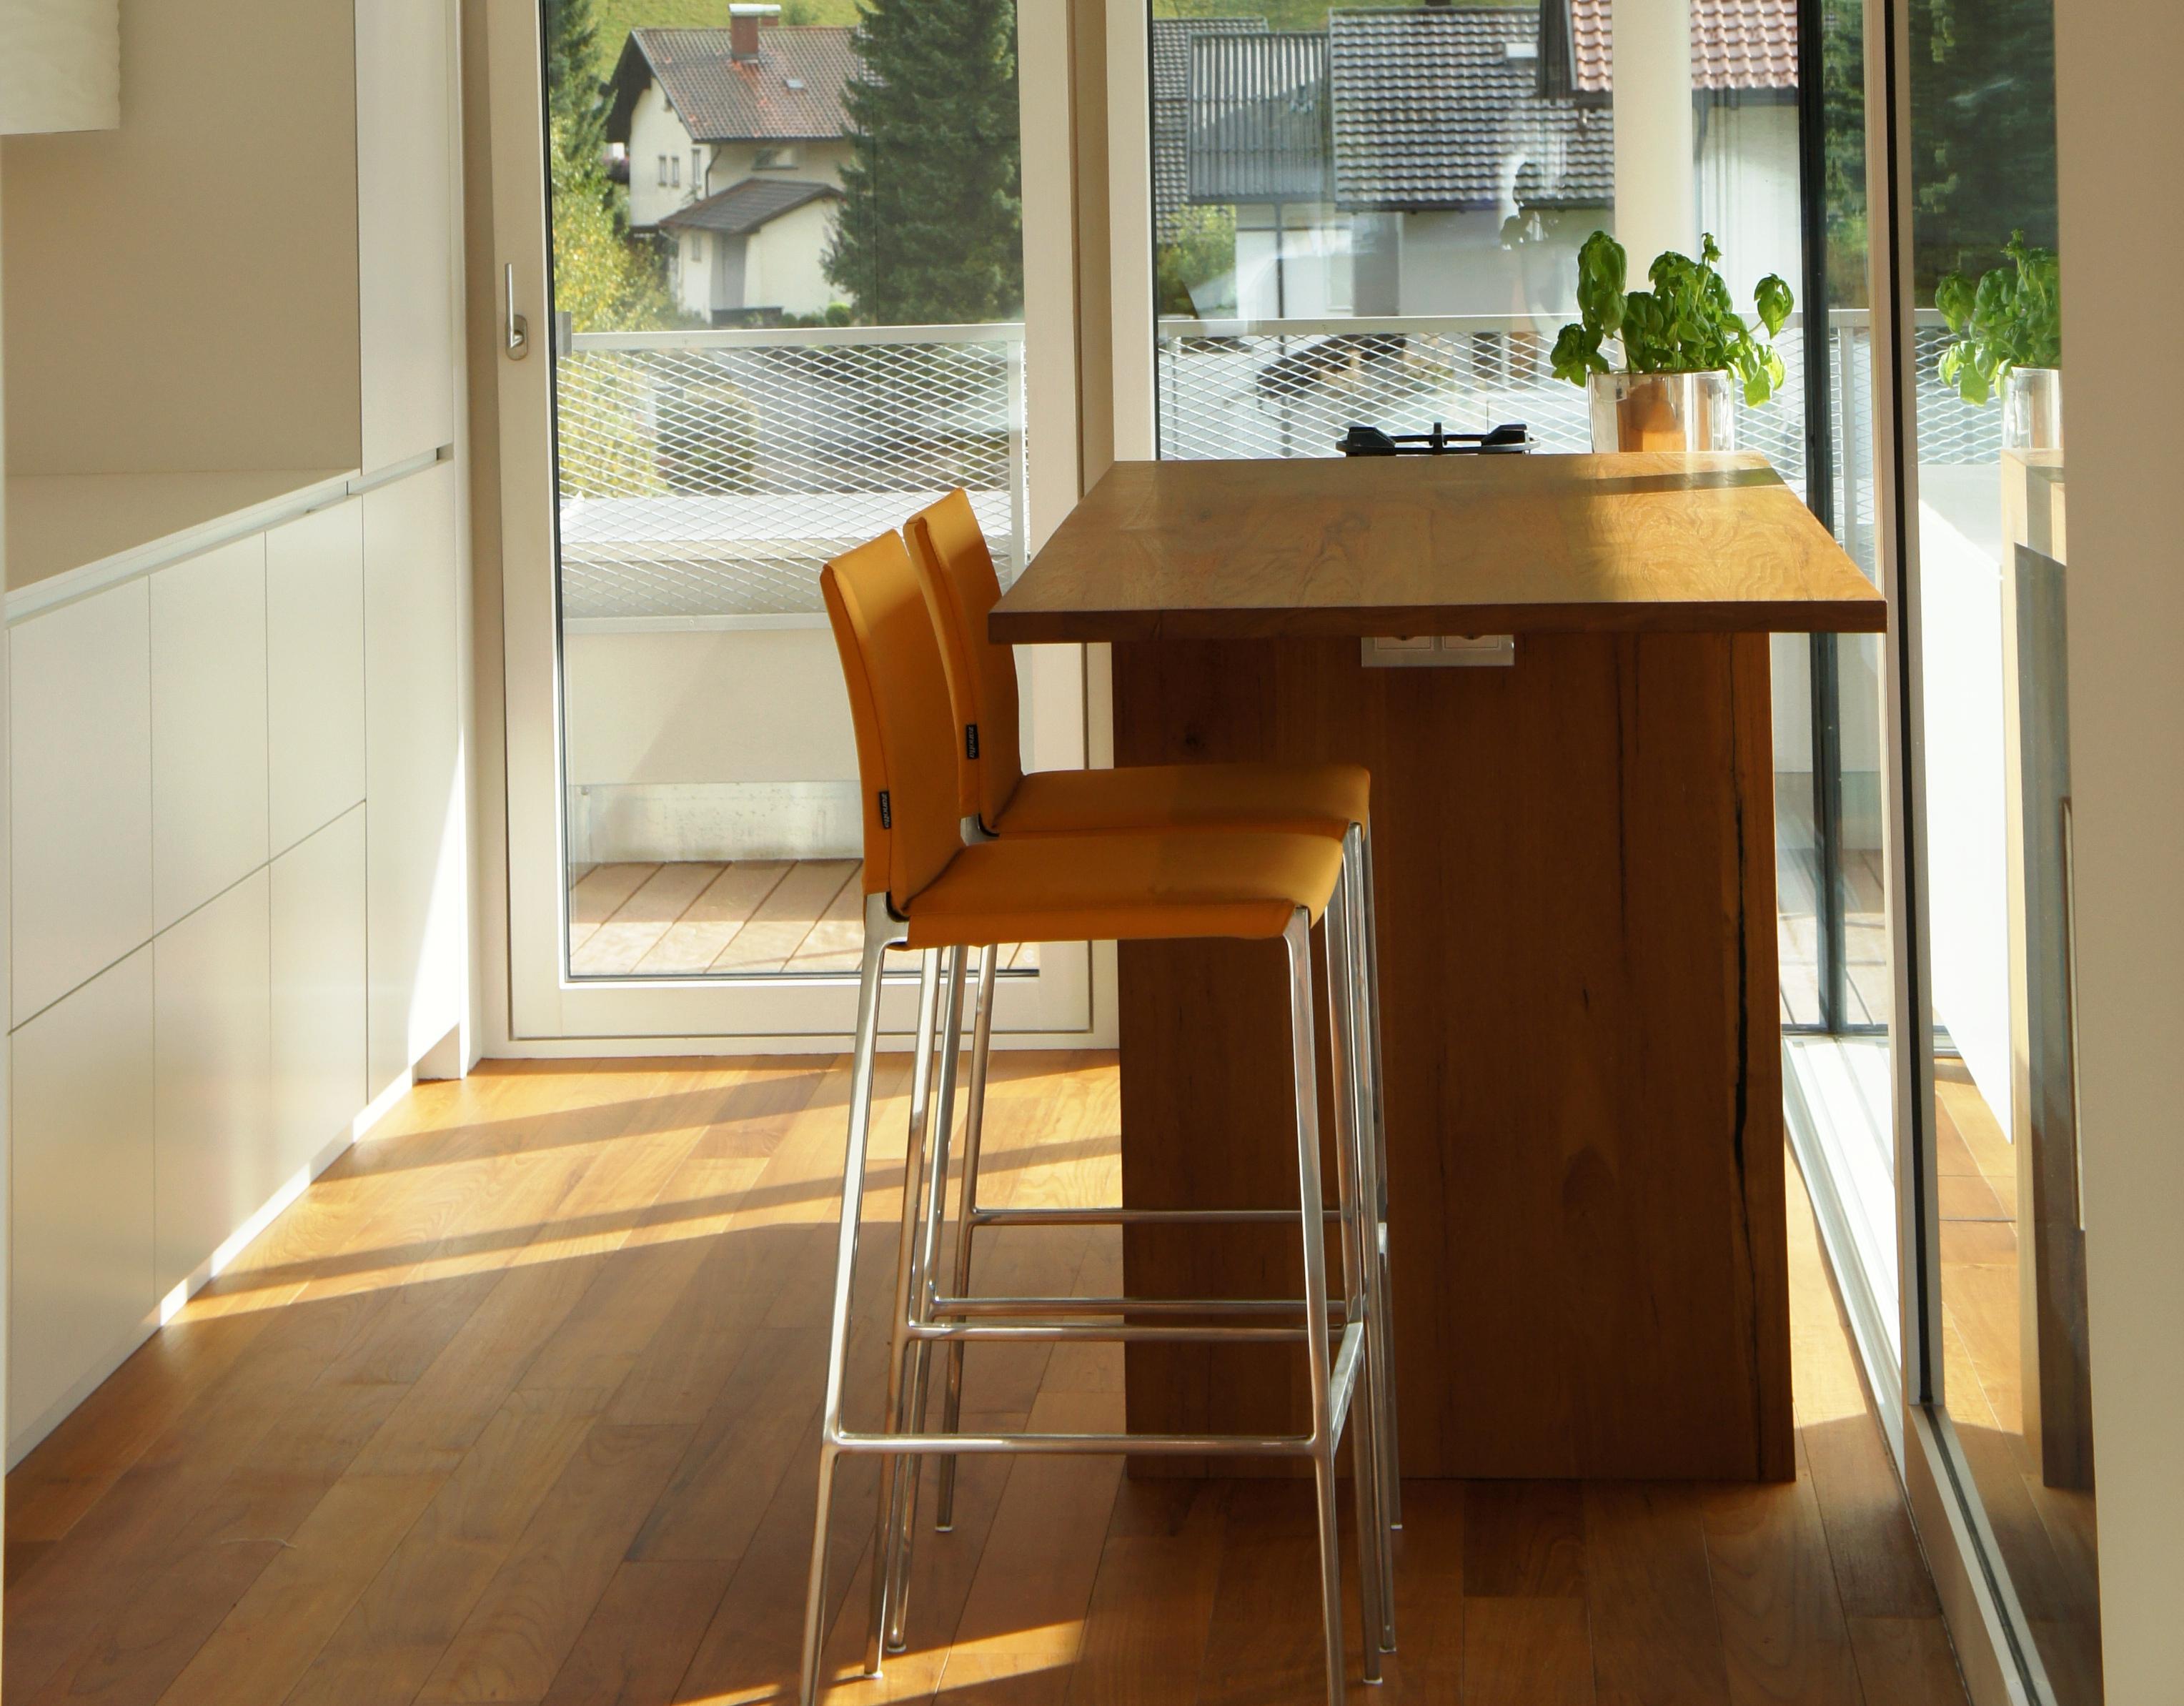 Mähr GmbH & Co KG - Möbeldesign & Meisterhandwerk